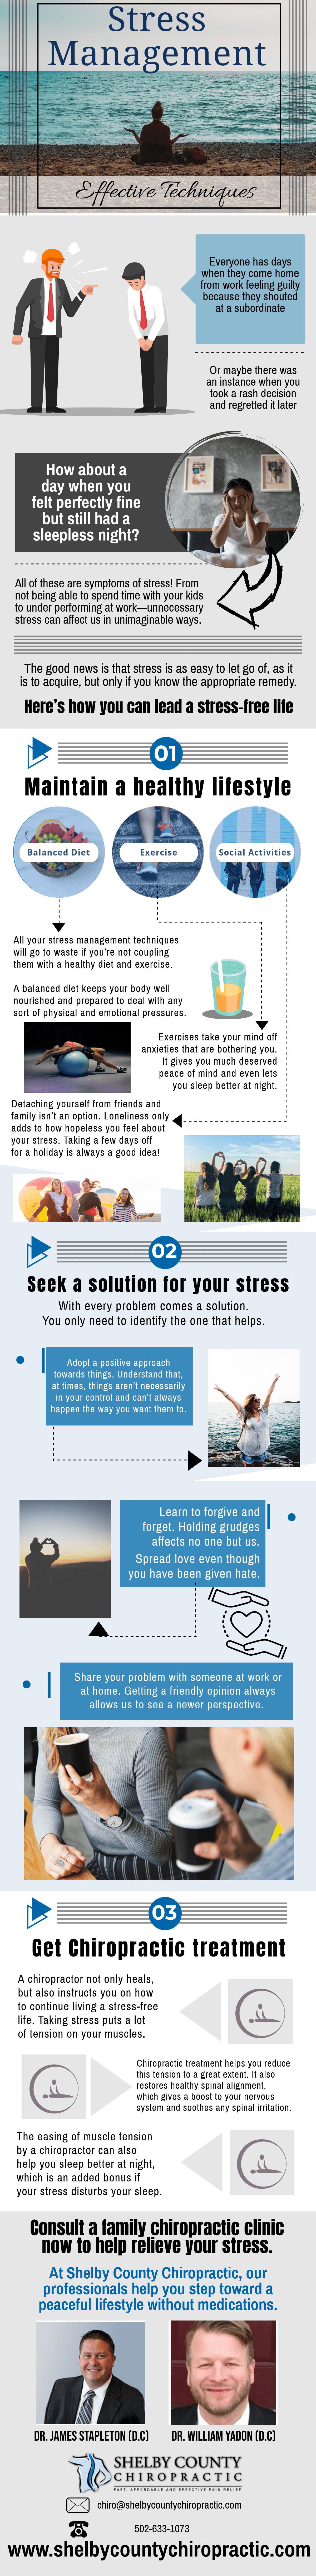 Stress Management - Effective Techniques